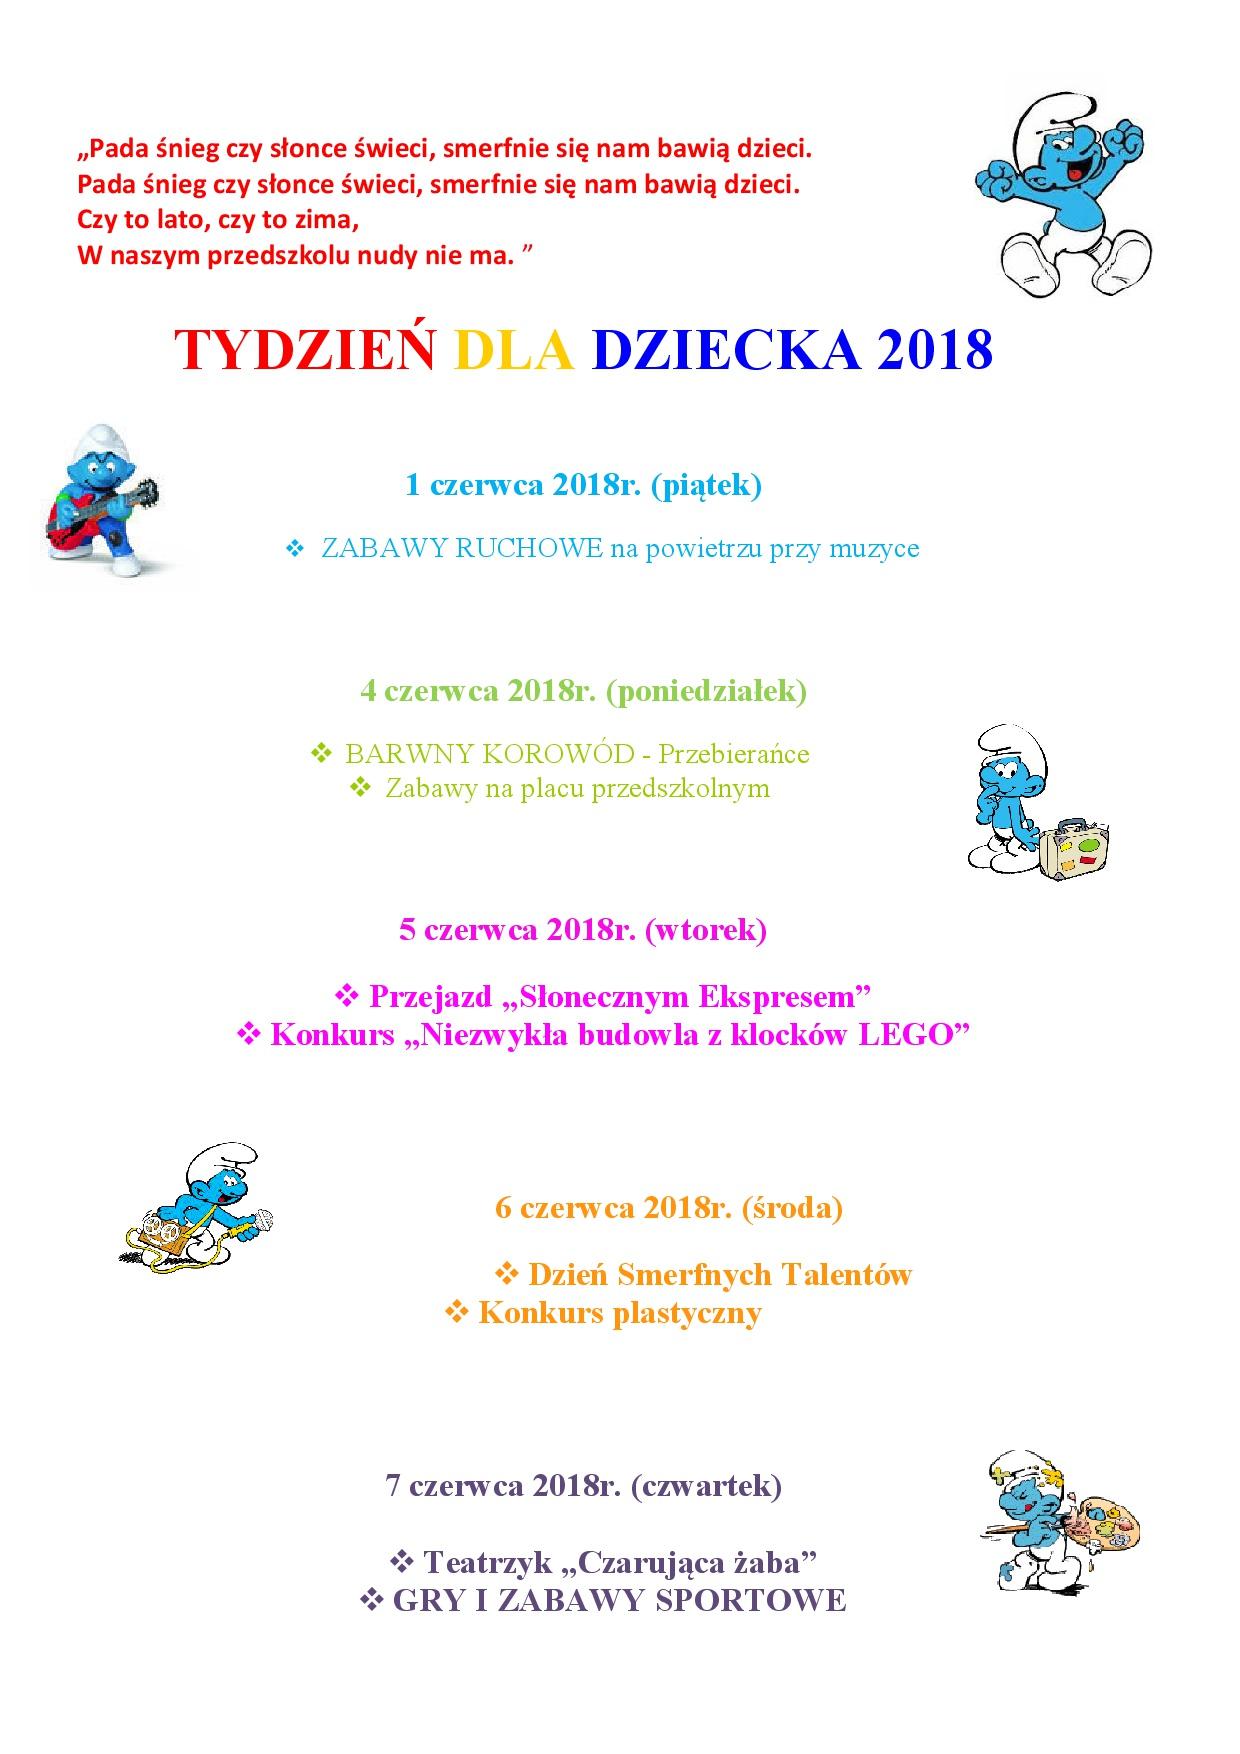 Tydzie___dla_Dziecka_2018smerf_001.jpg